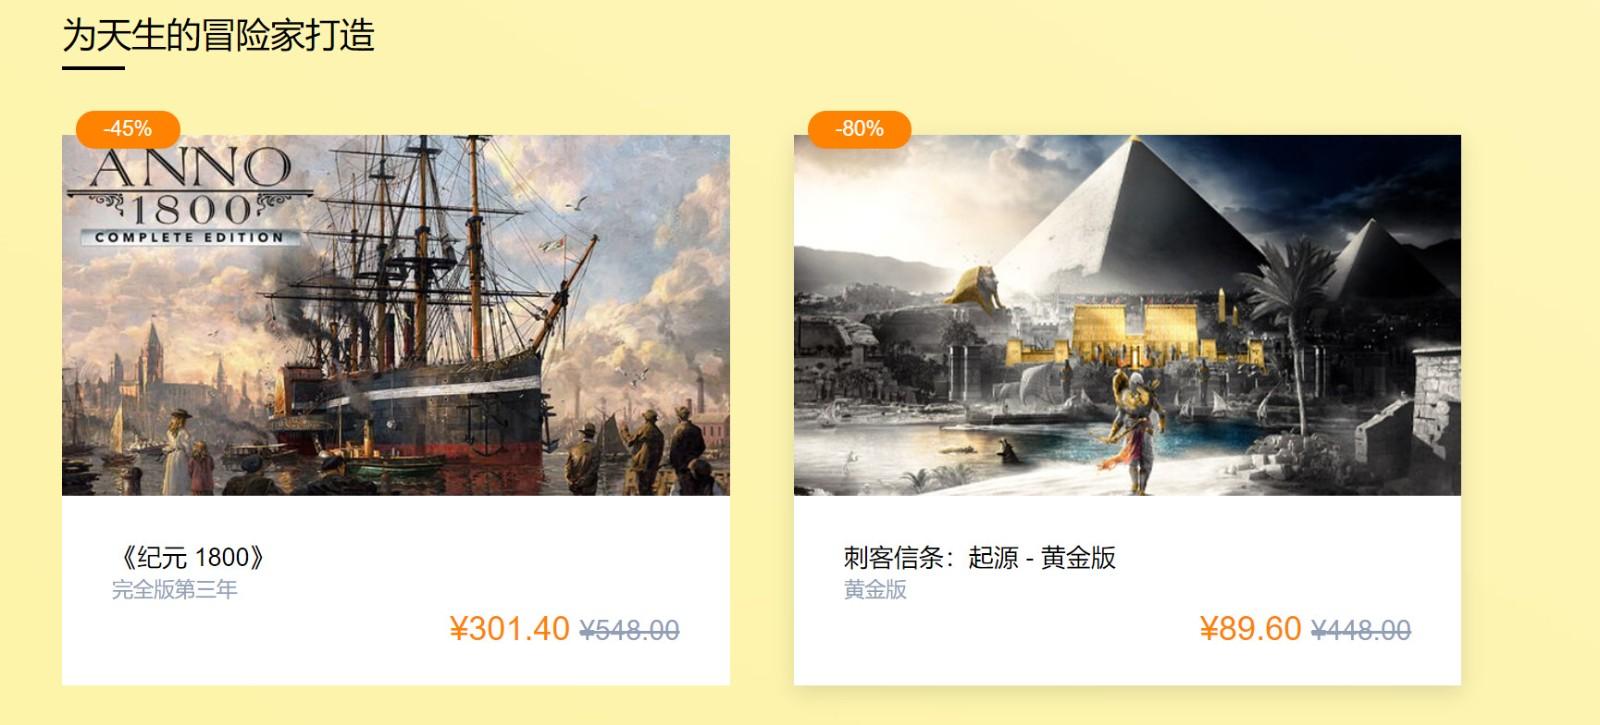 《孤岛惊魂3》现可在育碧商城免费领取